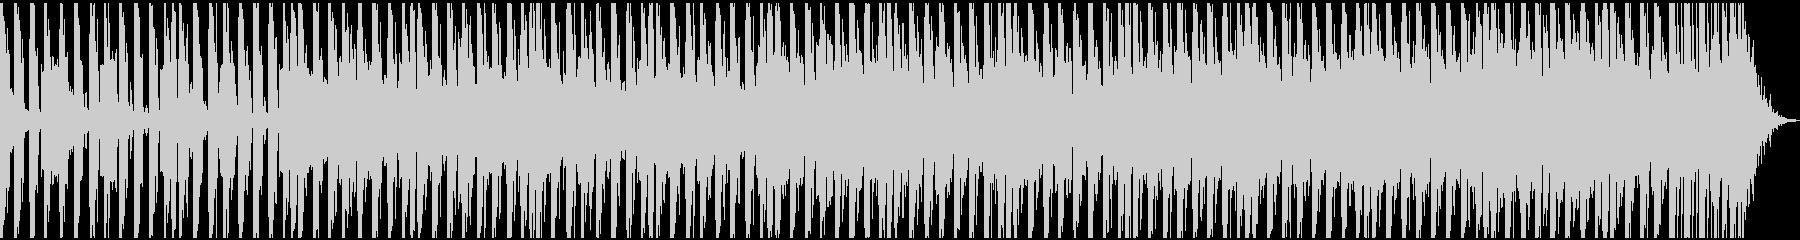 ダンスエレクトロニックトラックはエ...の未再生の波形